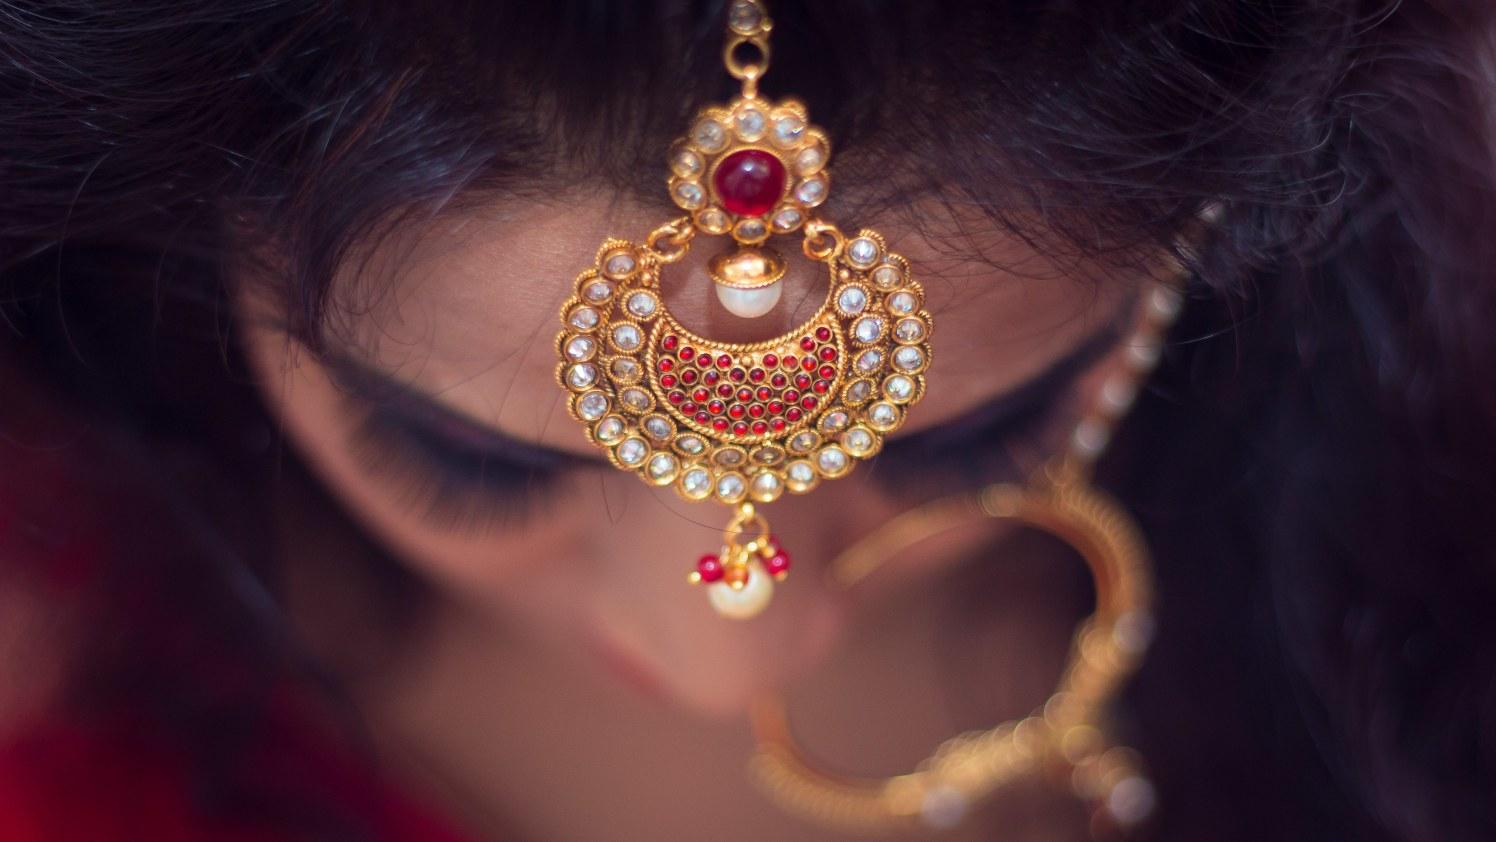 Beautiful bridal mang teeka by Dinesh narra photography Wedding-photography | Weddings Photos & Ideas